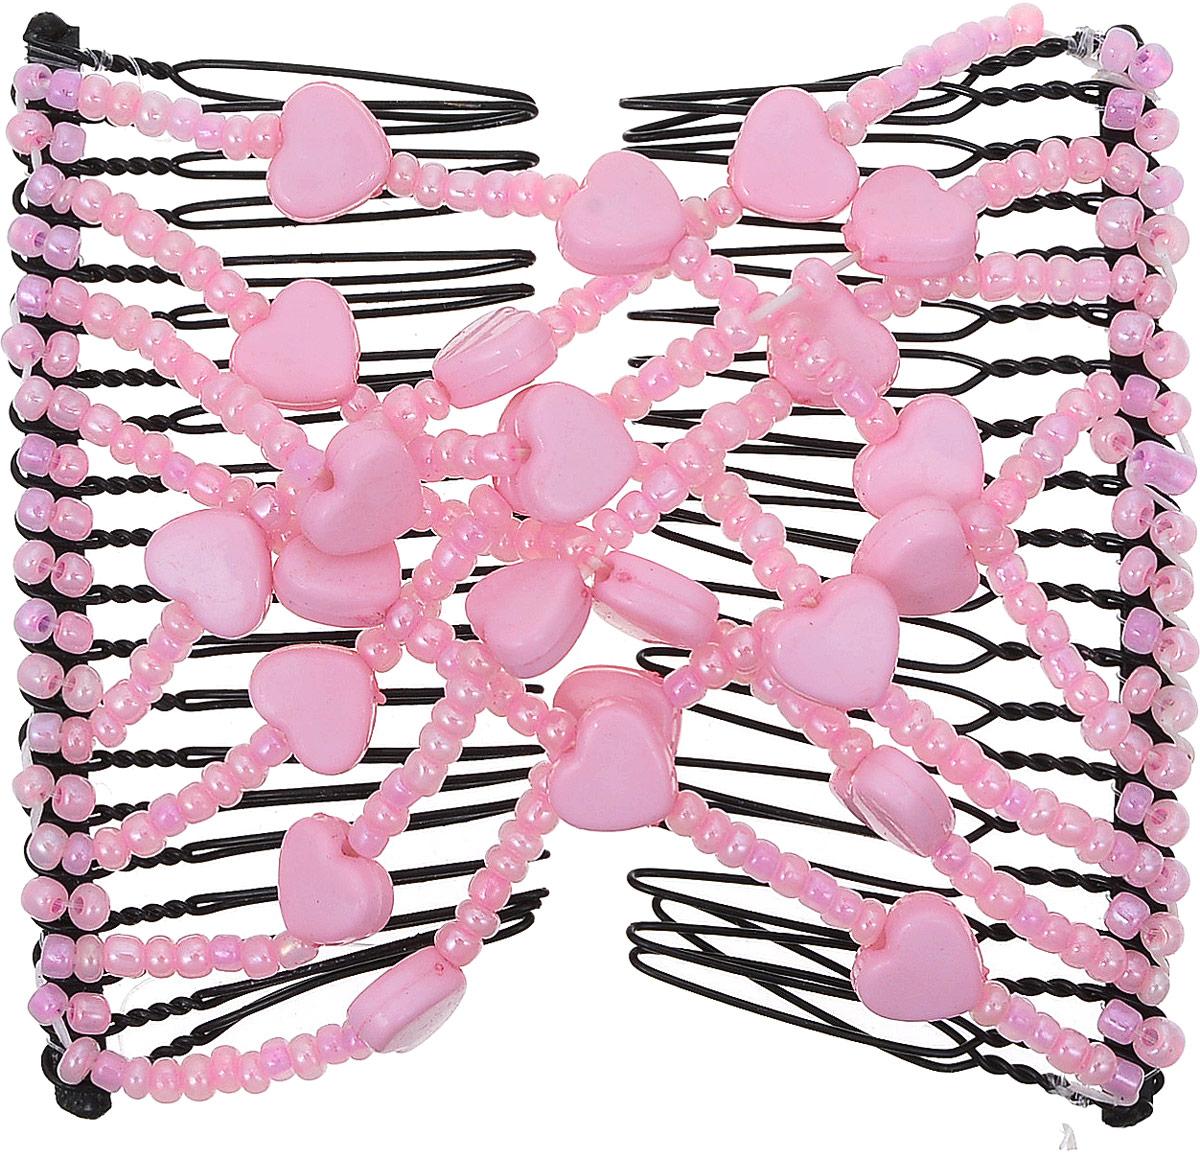 EZ-Combs Заколка Изи-Комбс, одинарная, цвет: розовый. ЗИО_сердечкиЗИО_розовый, сердечкиУдобная и практичная EZ-Combs подходит для любого типа волос: тонких, жестких, вьющихся или прямых, и не наносит им никакого вреда. Заколка не мешает движениям головы и не создает дискомфорта, когда вы отдыхаете или управляете автомобилем. Каждый гребень имеет по 20 зубьев для надежной фиксации заколки на волосах! И даже во время бега и интенсивных тренировок в спортзале EZ-Combs не падает; она прочно фиксирует прическу, сохраняя укладку в первозданном виде.Небольшая и легкая заколка для волос EZ-Combs поместится в любой дамской сумочке, позволяя быстро и без особых усилий создавать неповторимые прически там, где вам это удобно. Гребень прекрасно сочетается с любой одеждой: будь это классический или спортивный стиль, завершая гармоничный облик современной леди. И неважно, какой образ жизни вы ведете, если у вас есть EZ-Combs, вы всегда будете выглядеть потрясающе.